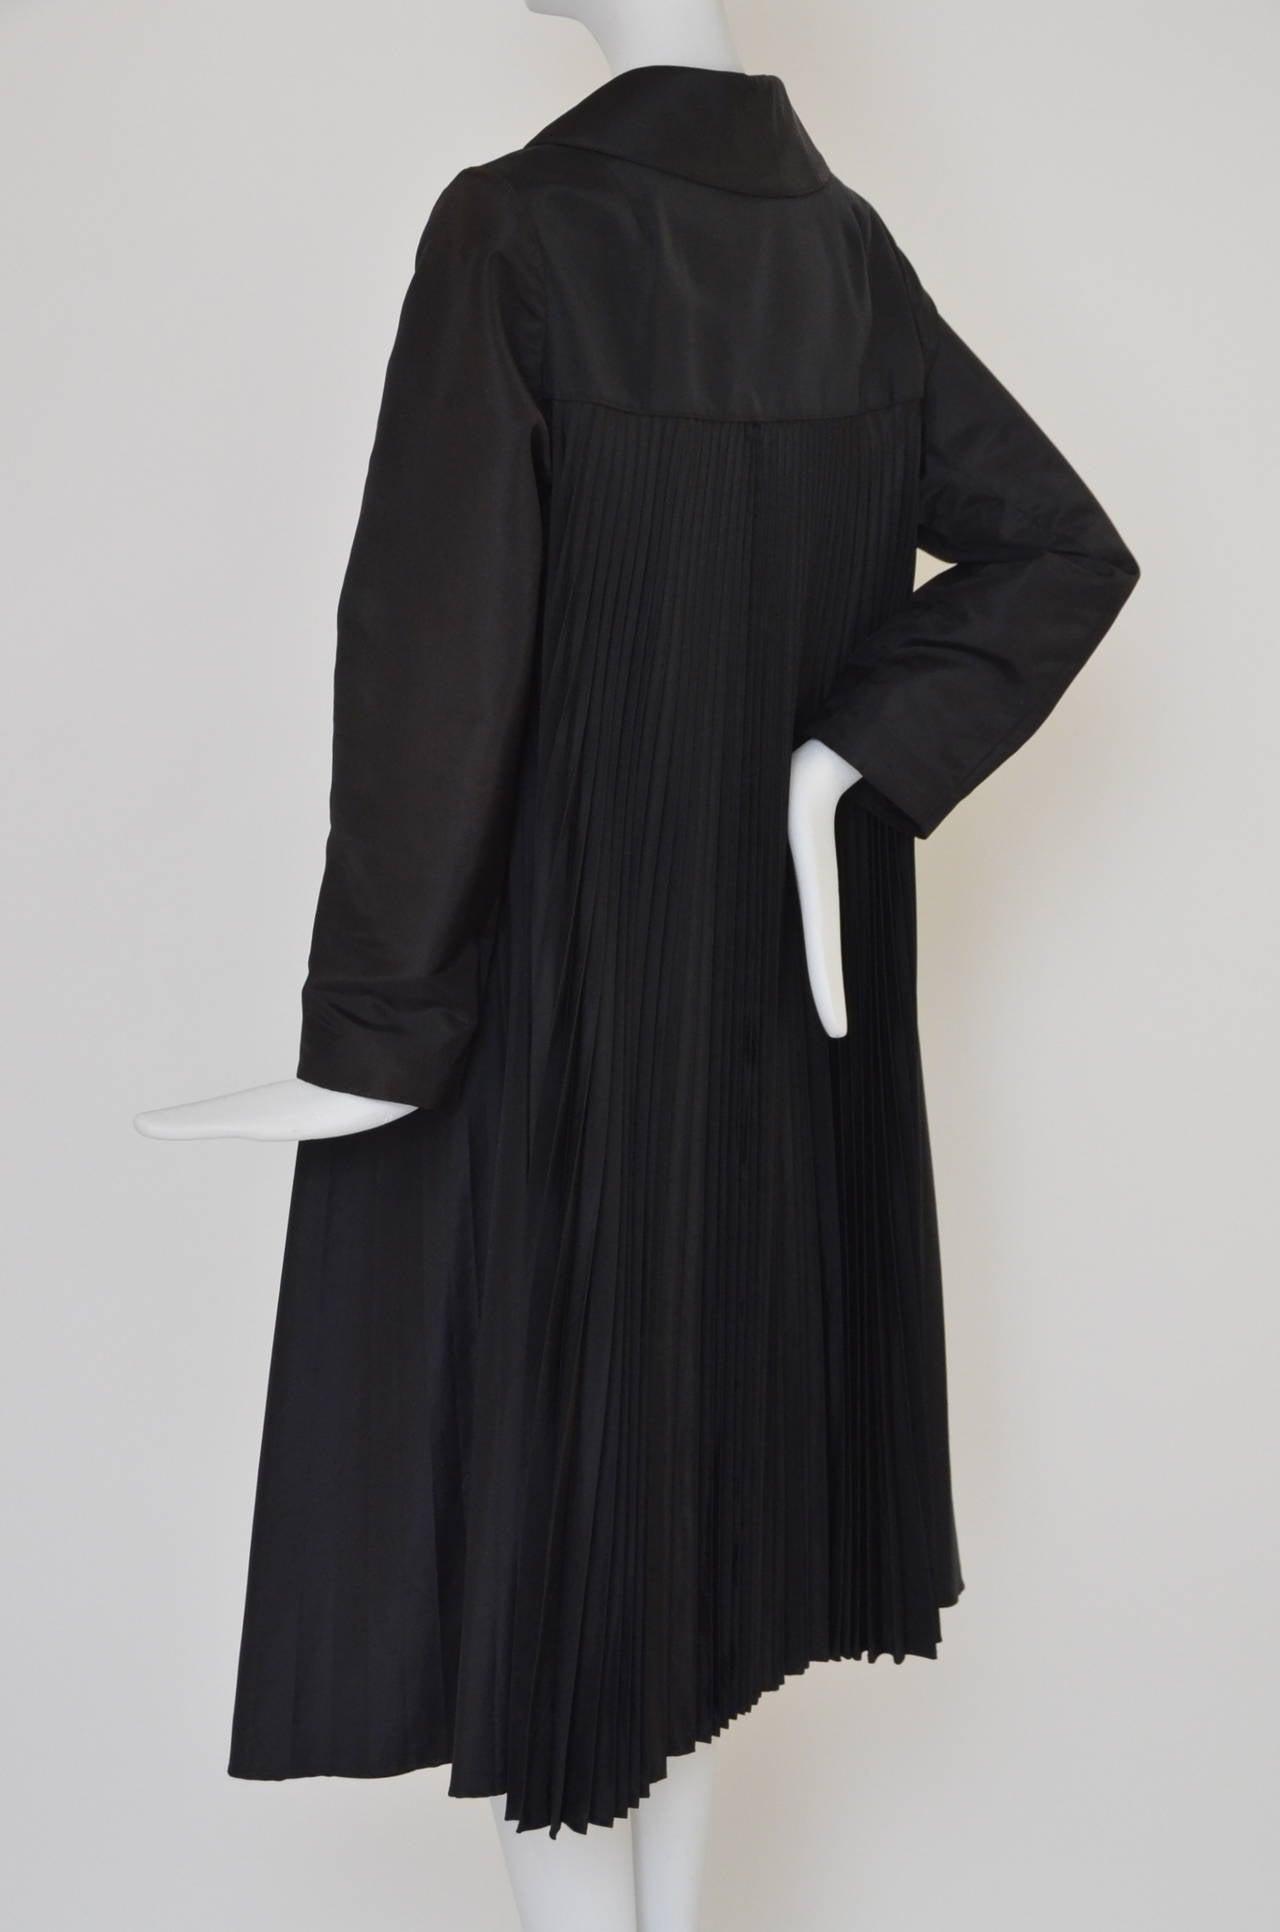 Women's Oscar De La Renta Black  Pleated Swing Coat      1960's For Sale